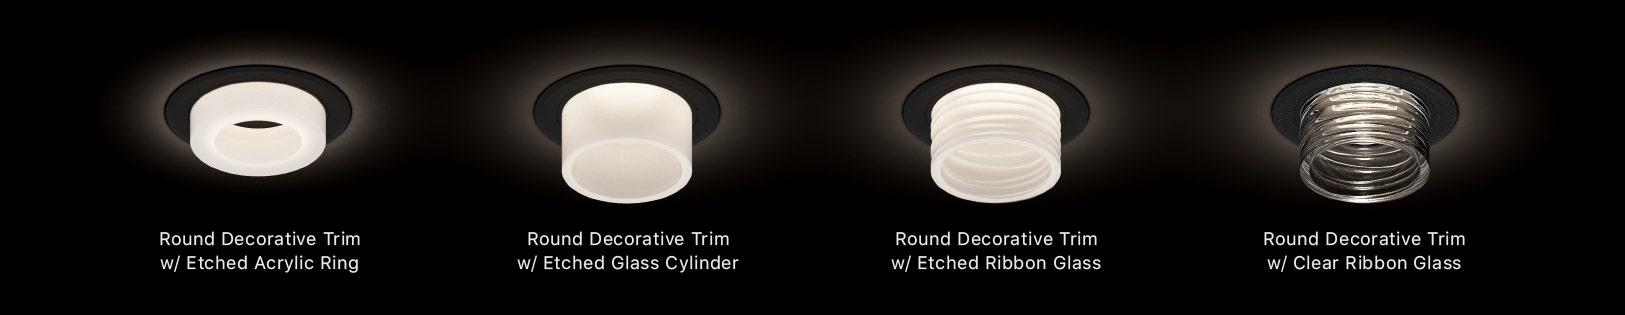 """Sonneman Intervals 2"""" Fixed Round Decorative Trim Options"""